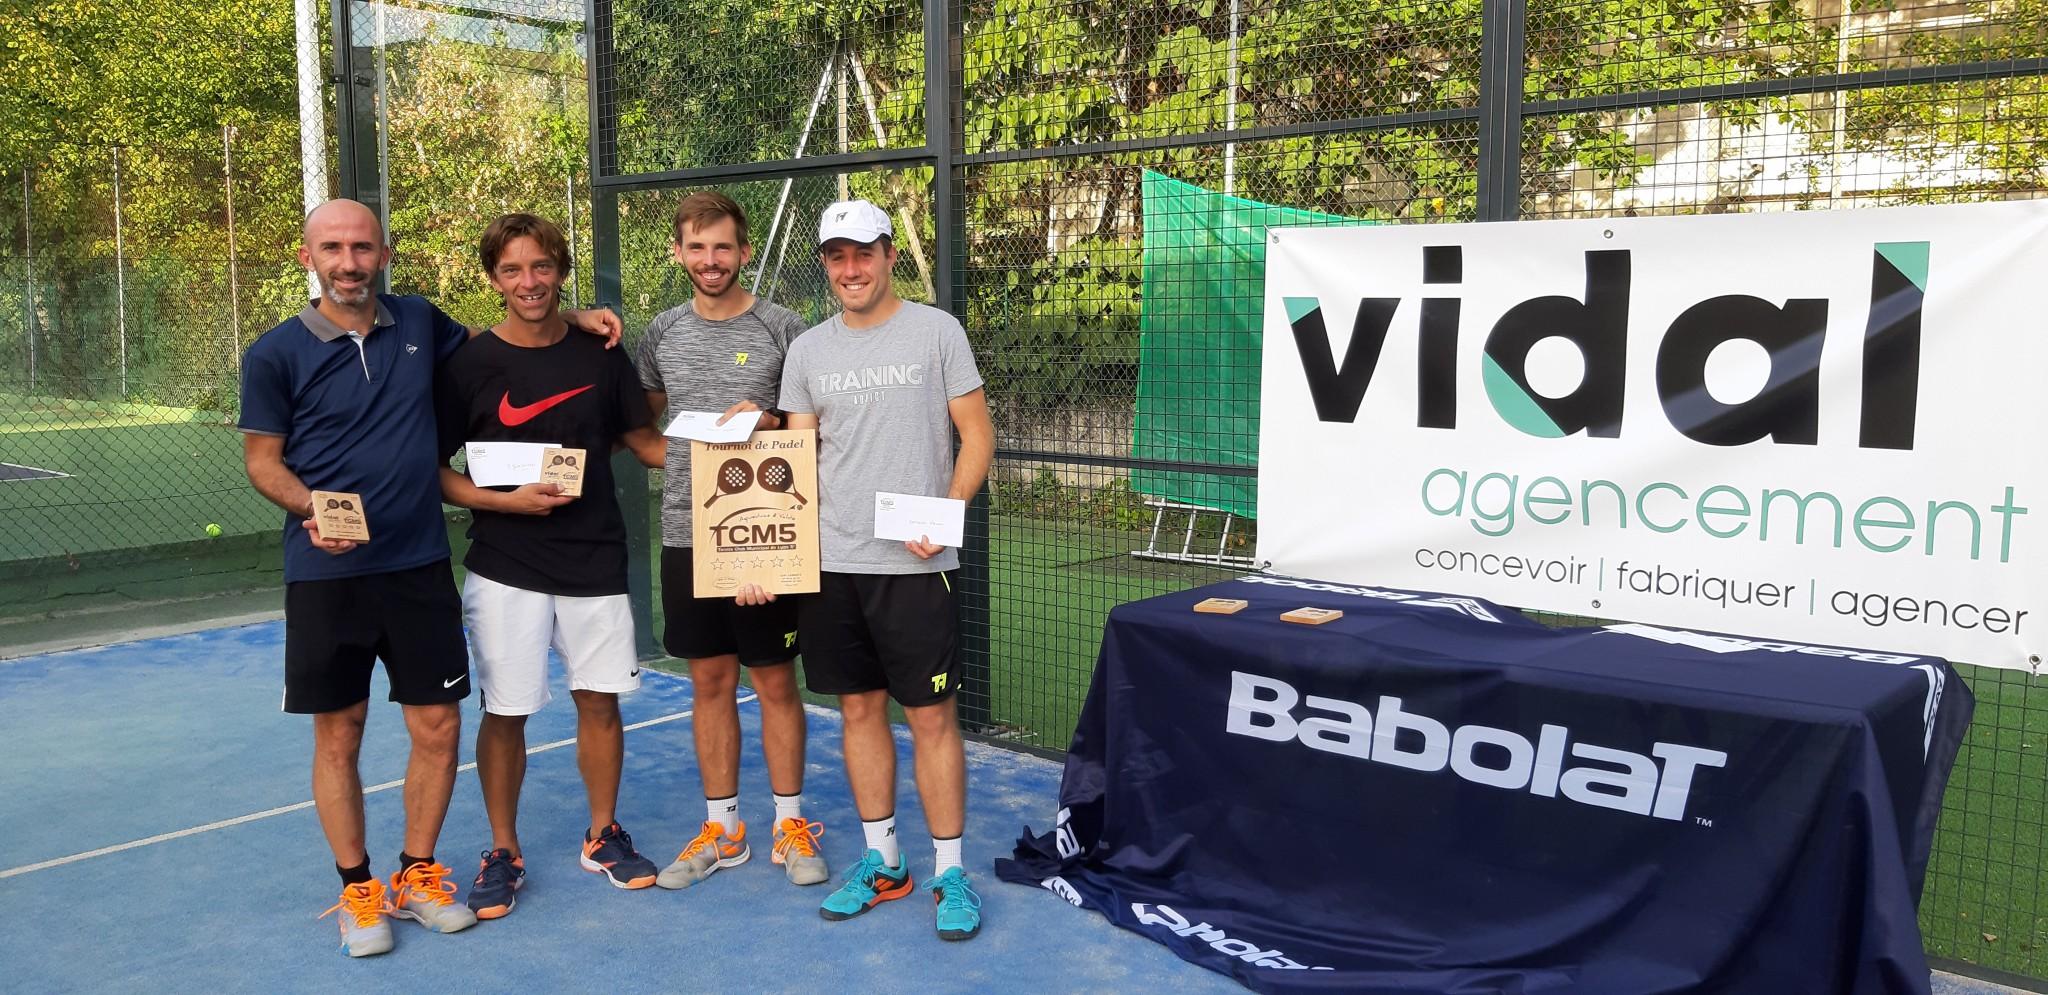 Finale titanesque remportée par Joulot / Sanchez à l'Open TCM5 – Vidal Agencement